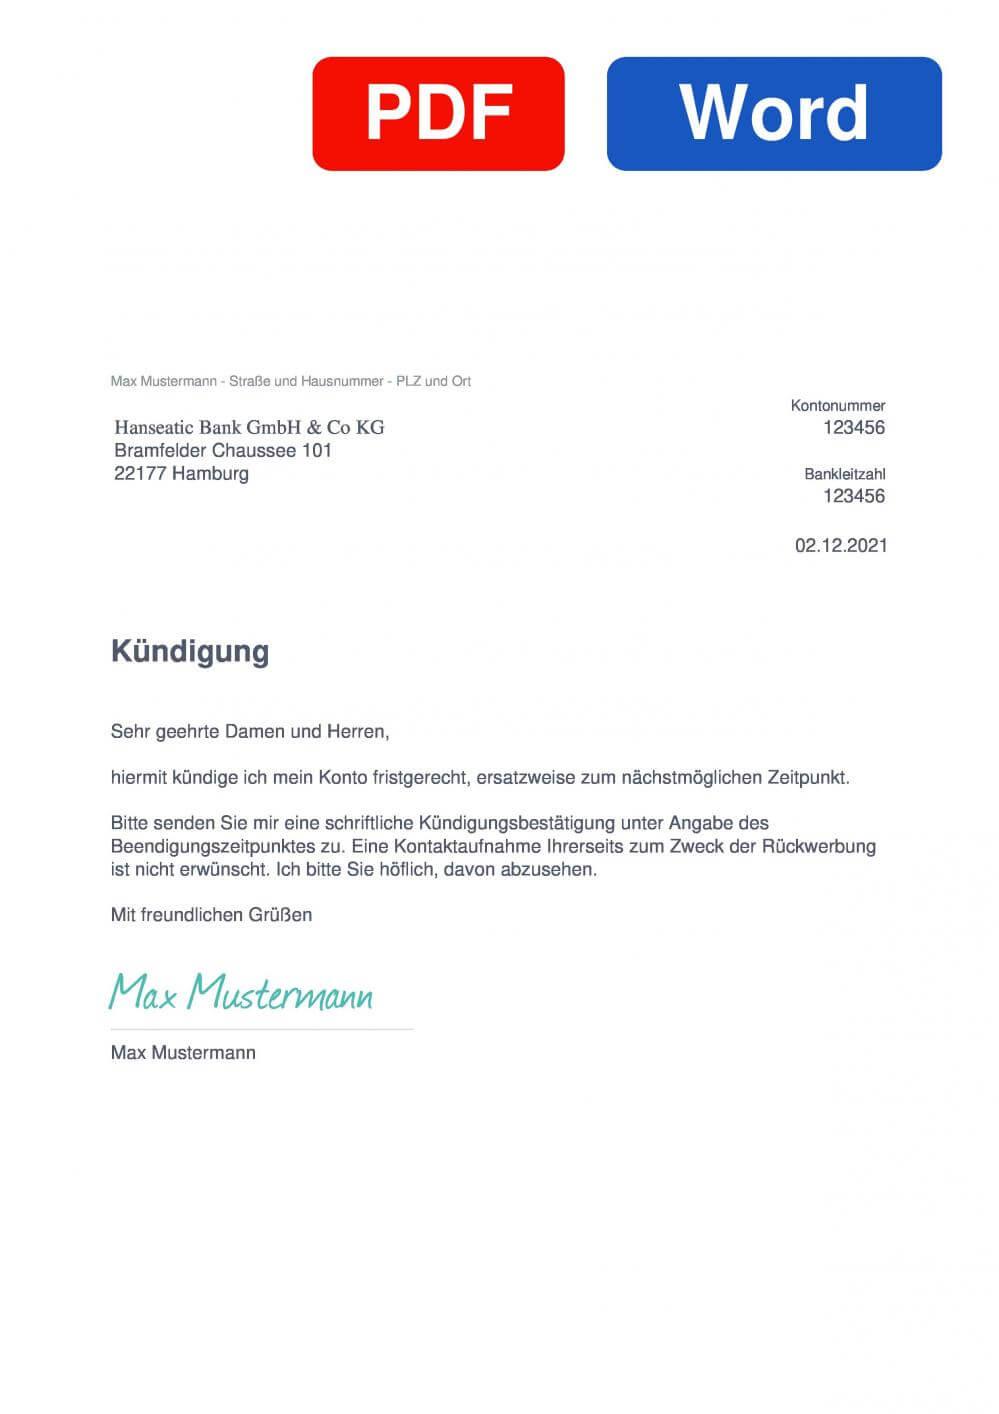 Hanseatic Bank Muster Vorlage für Kündigungsschreiben